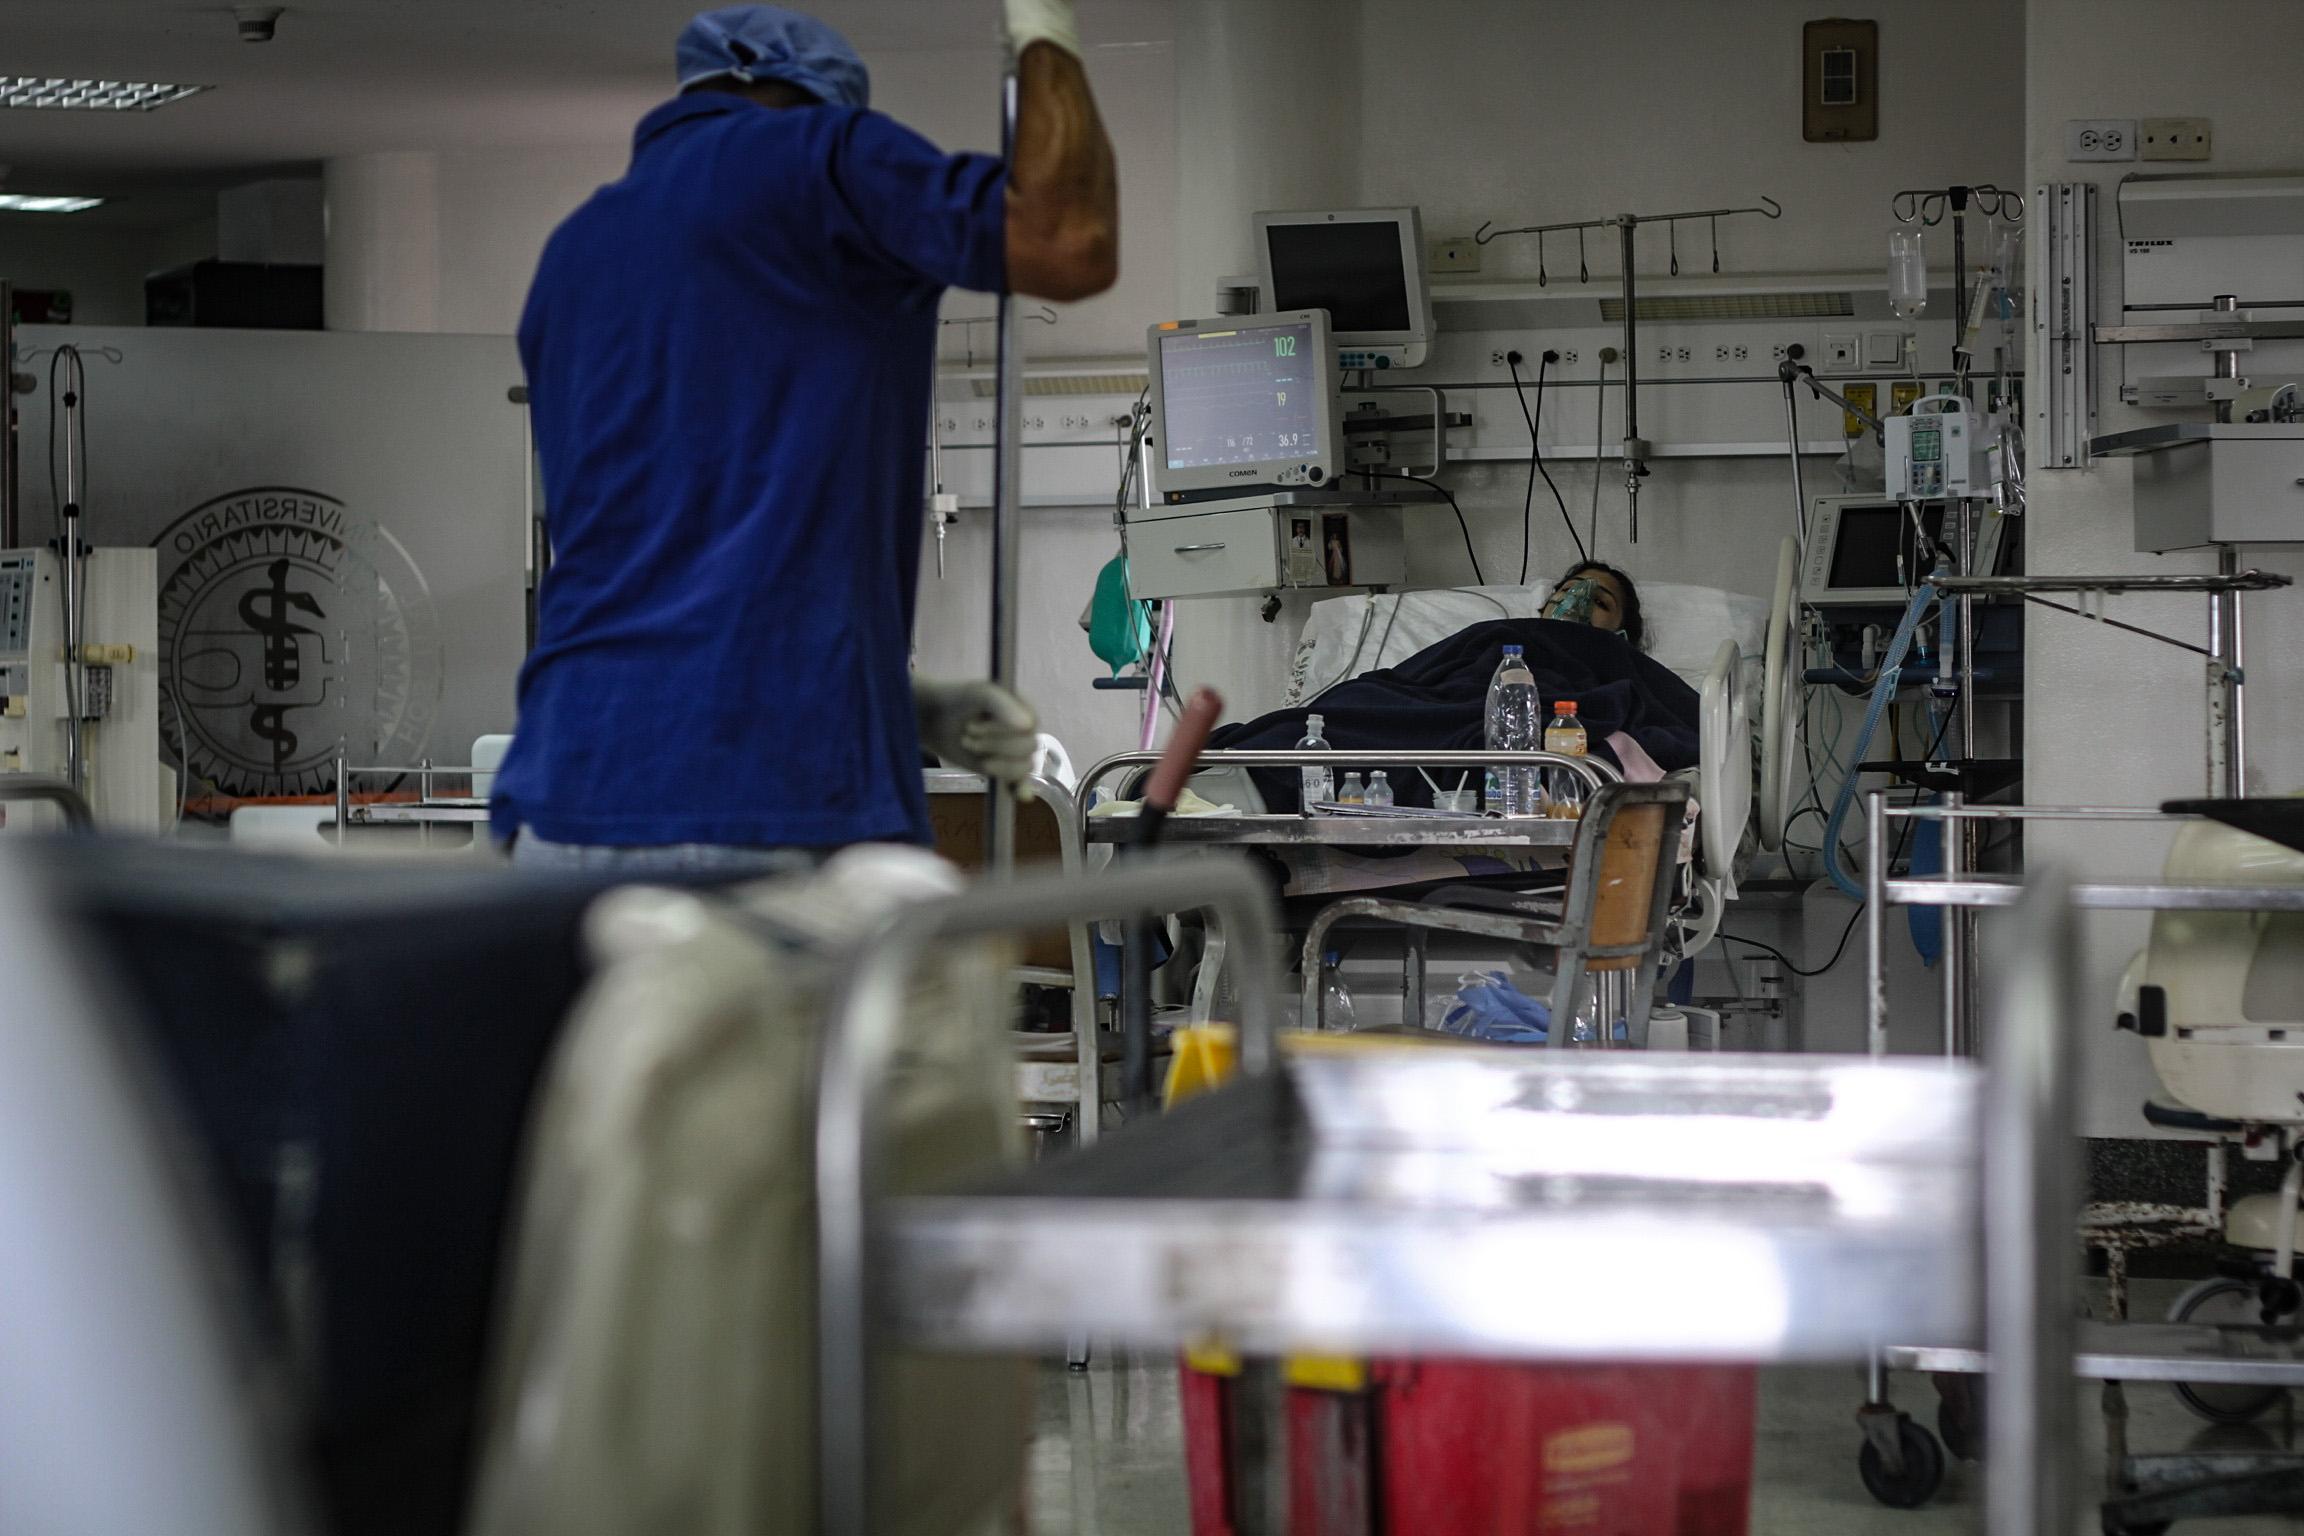 Los intensivistas en Venezuela: pocos y abatidos por el COVID-19 (I)